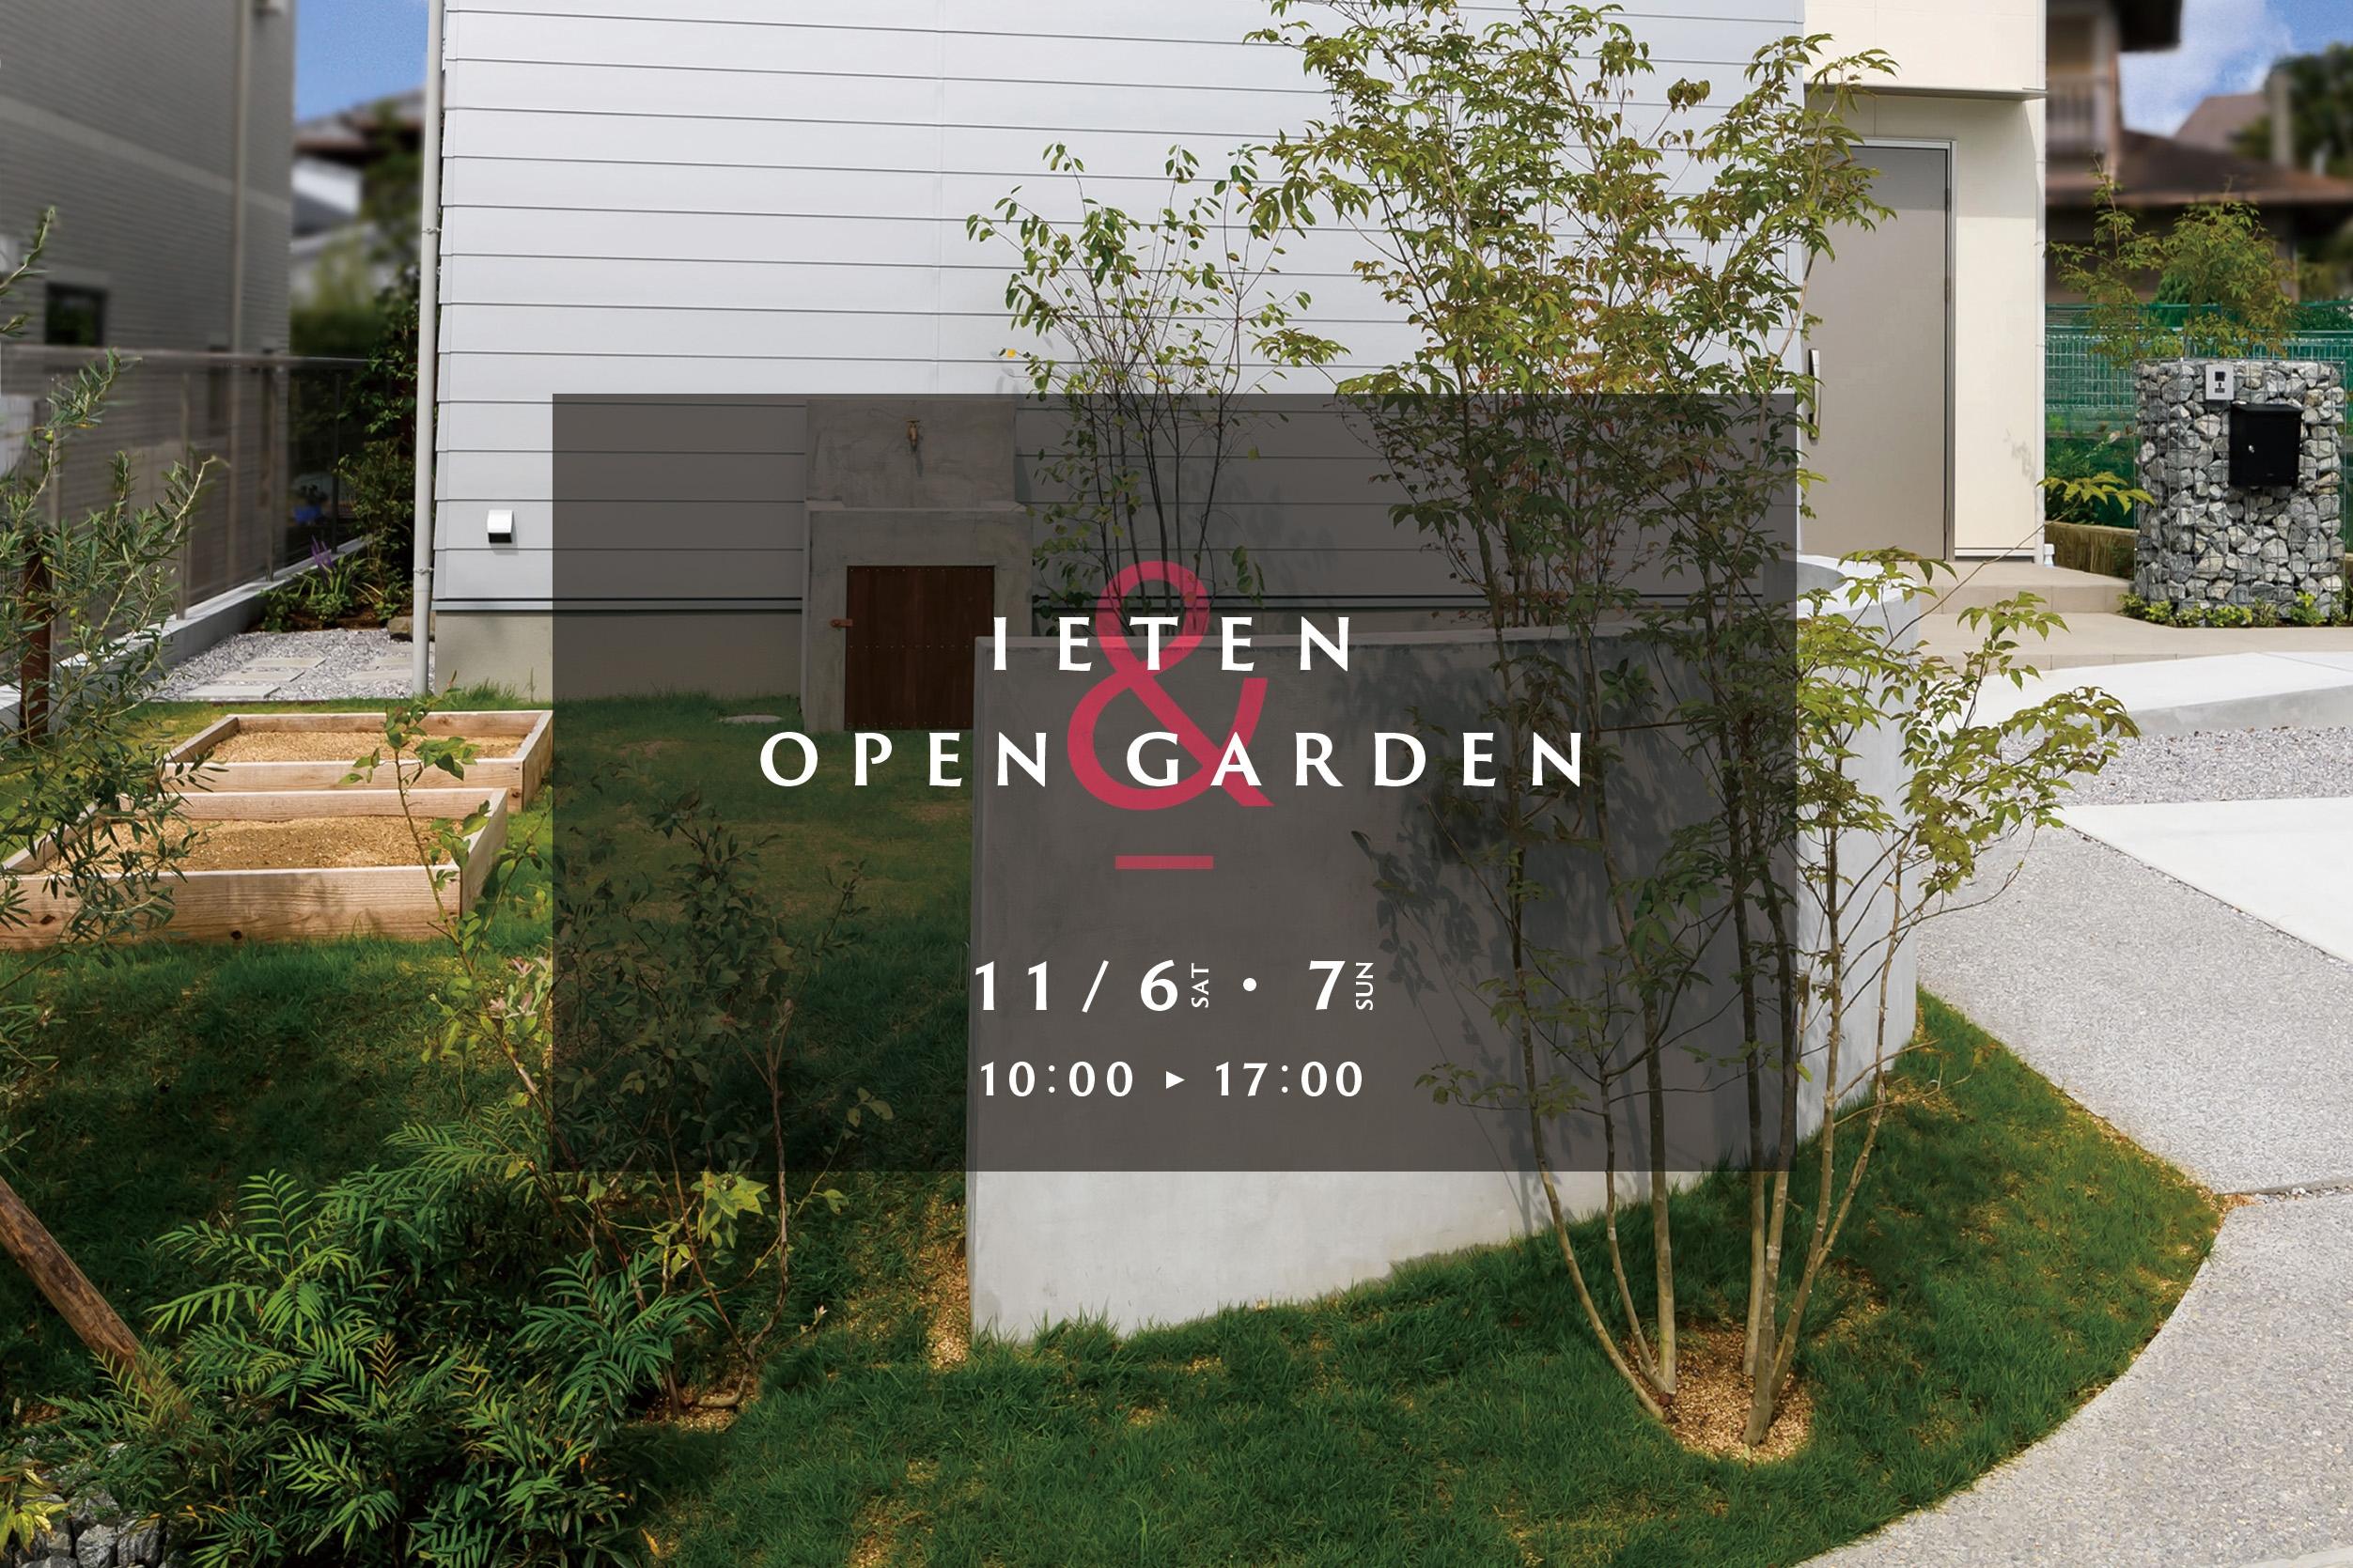 11/6(土)・7(日)モデルハウス内覧会&OPEN GARDENを開催します!